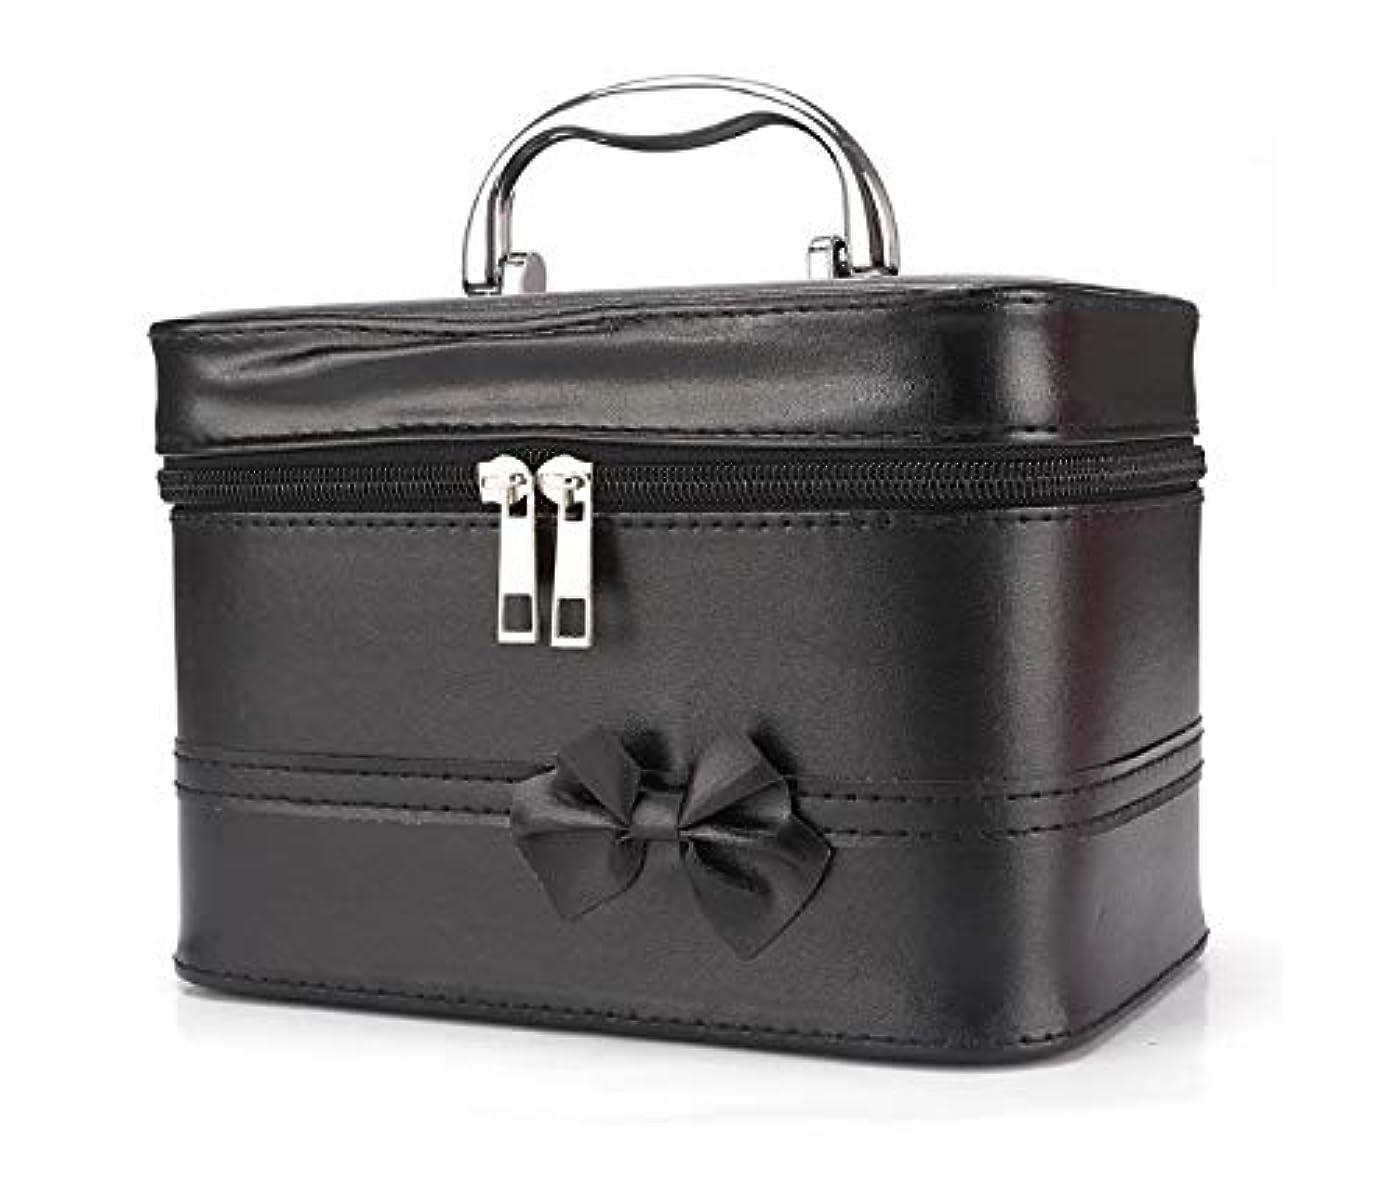 化粧箱、弓スクエアポータブル化粧品袋、ポータブルポータブル旅行化粧品ケース、美容ネイルジュエリー収納ボックス (Color : ブラック)